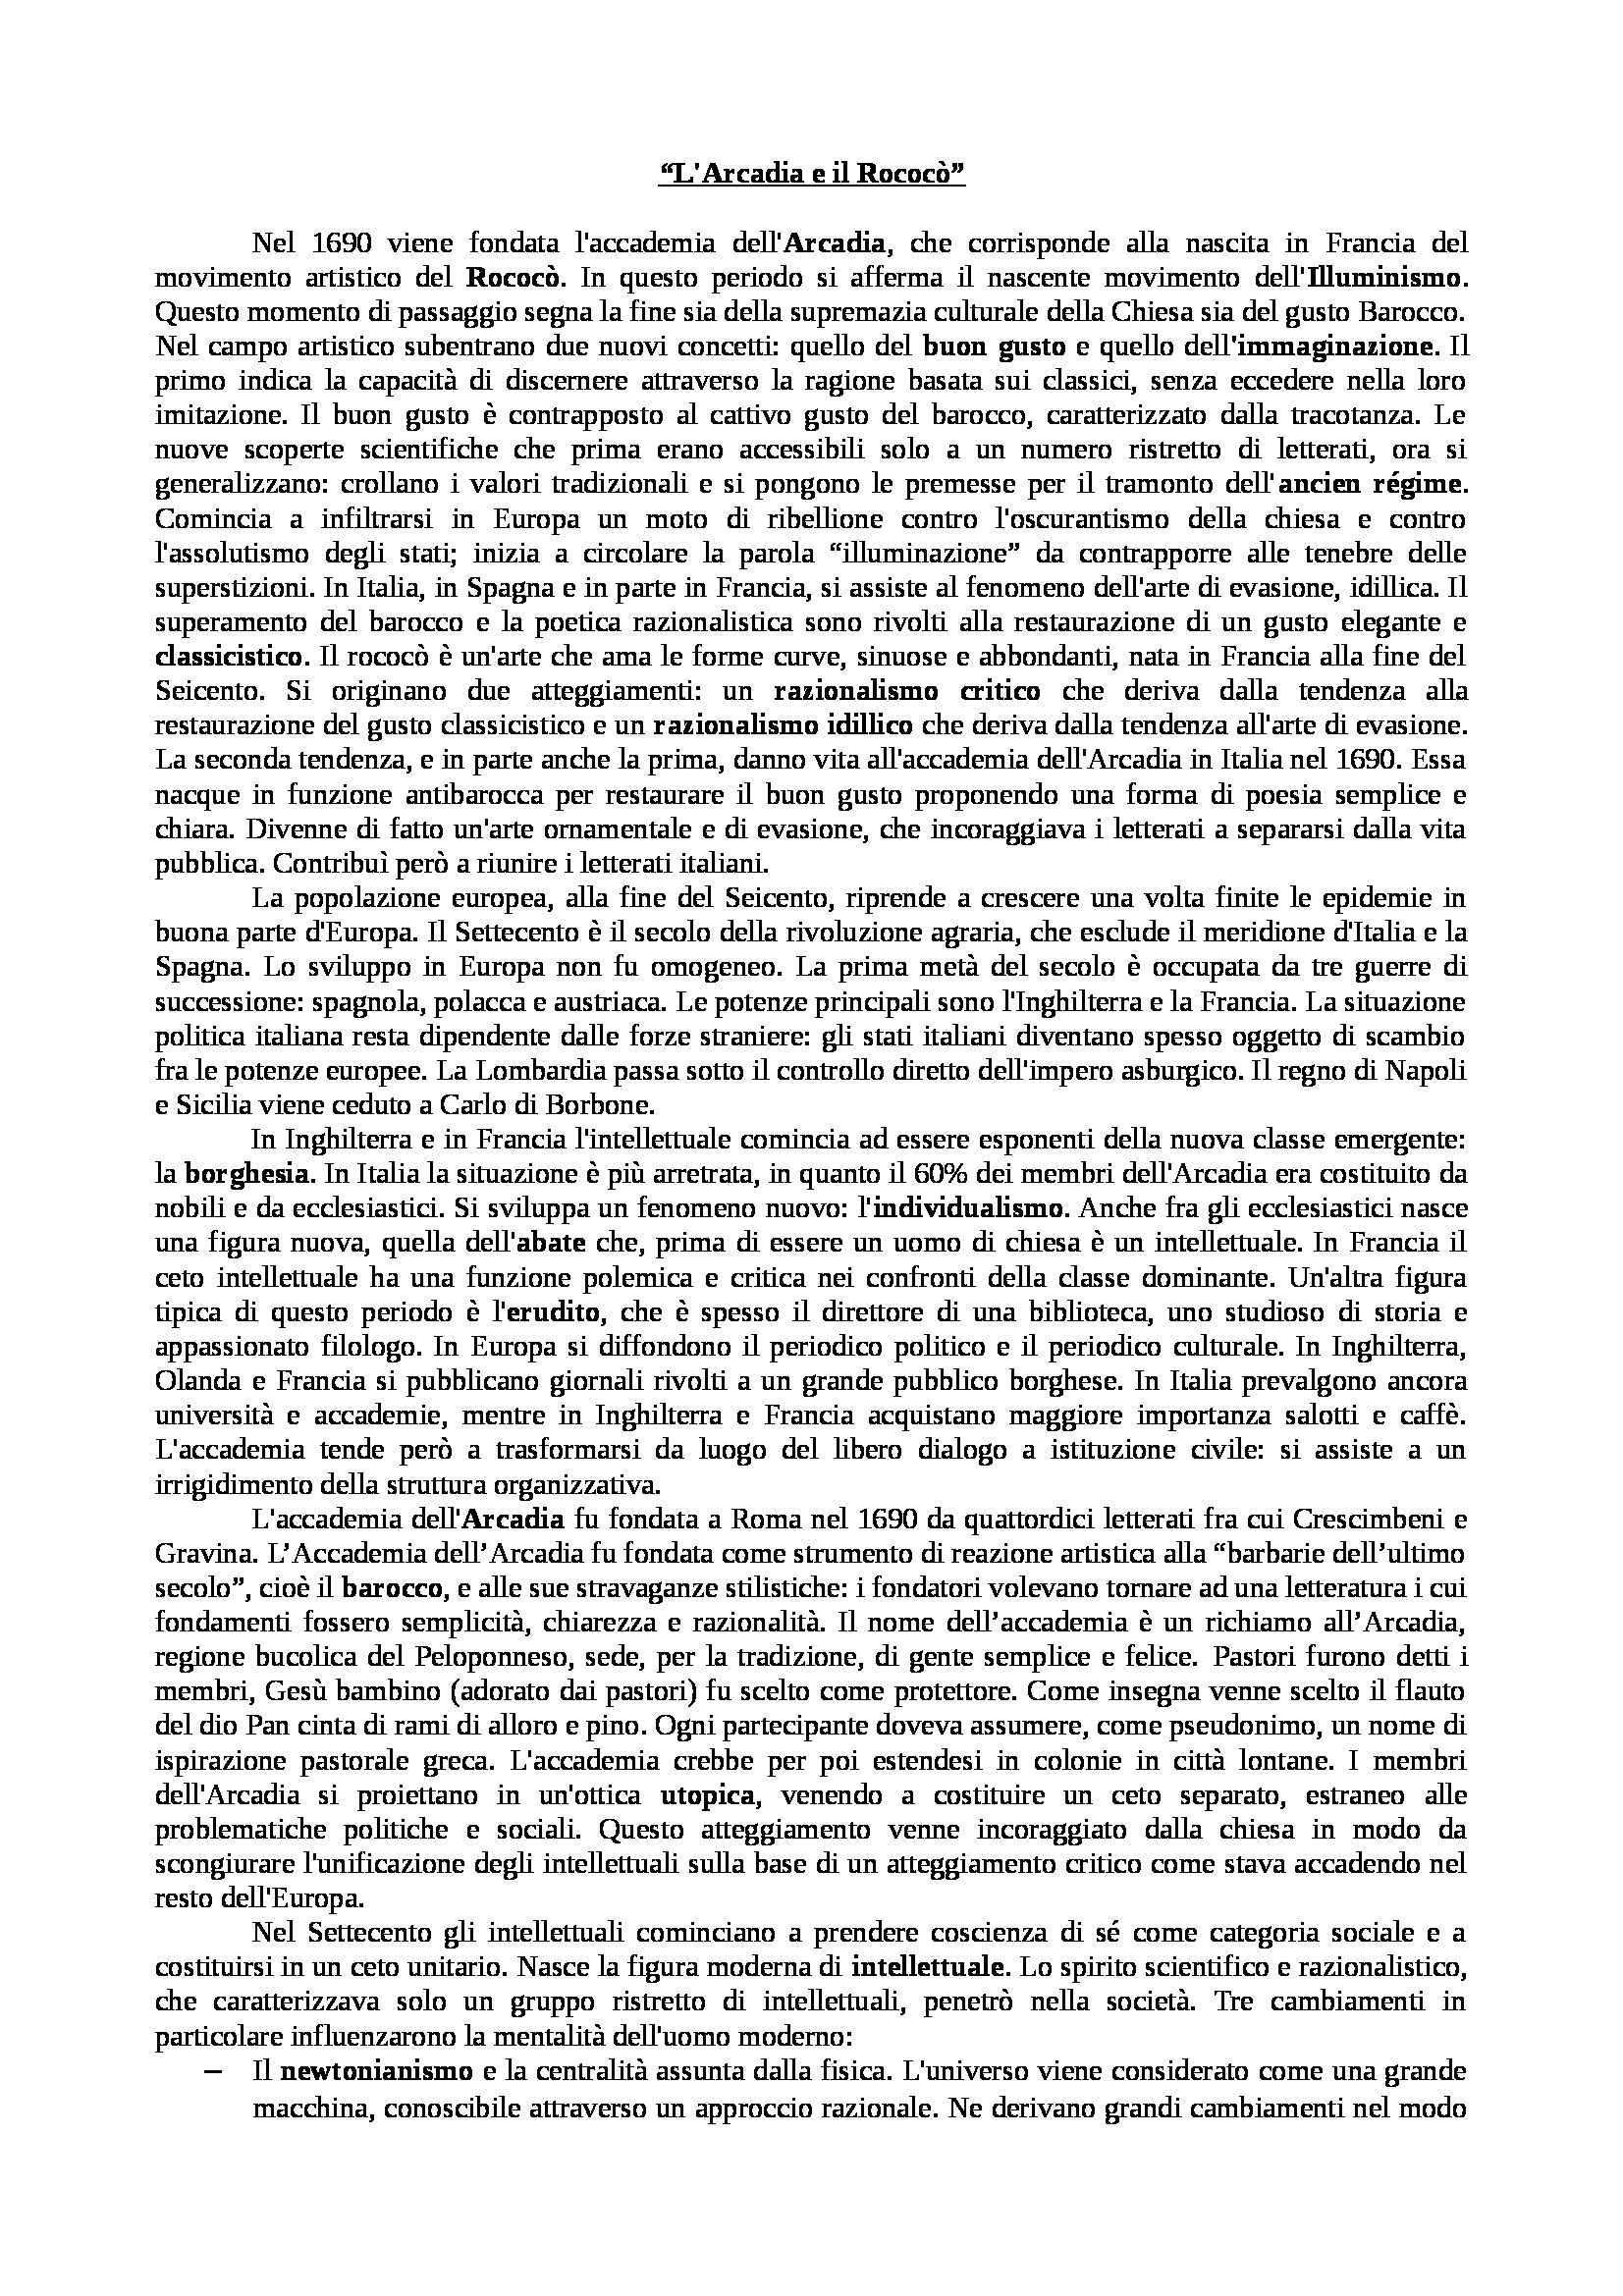 Appunti di Letteratura italiana: dall'Arcadia a Pascoli